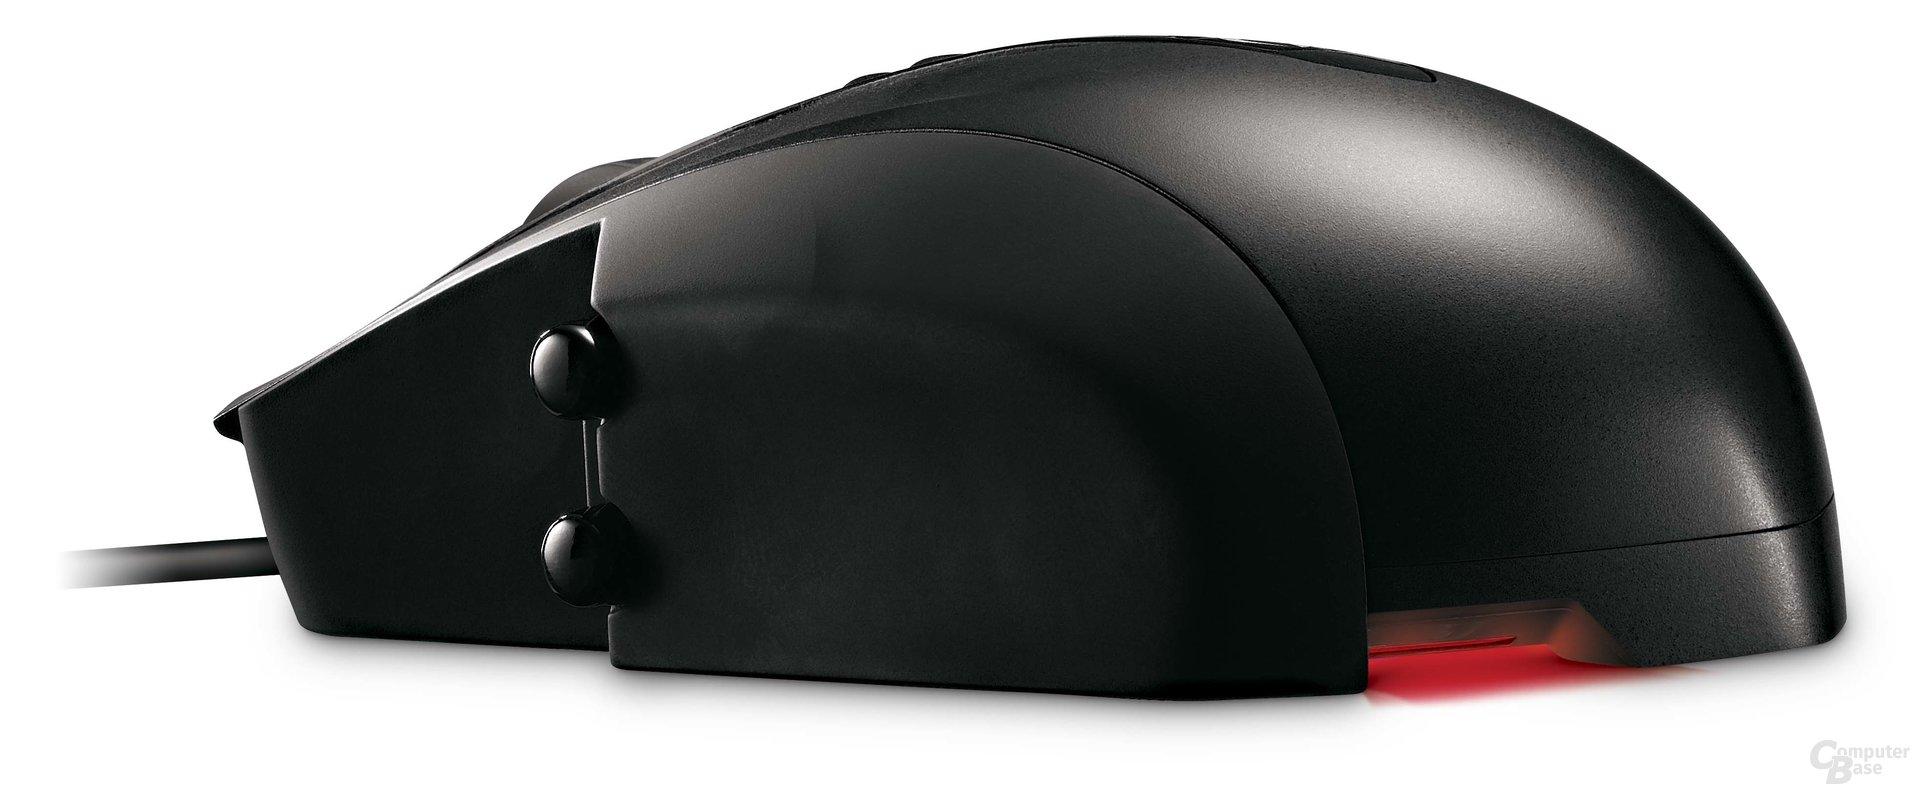 Microsoft SideWinder X5